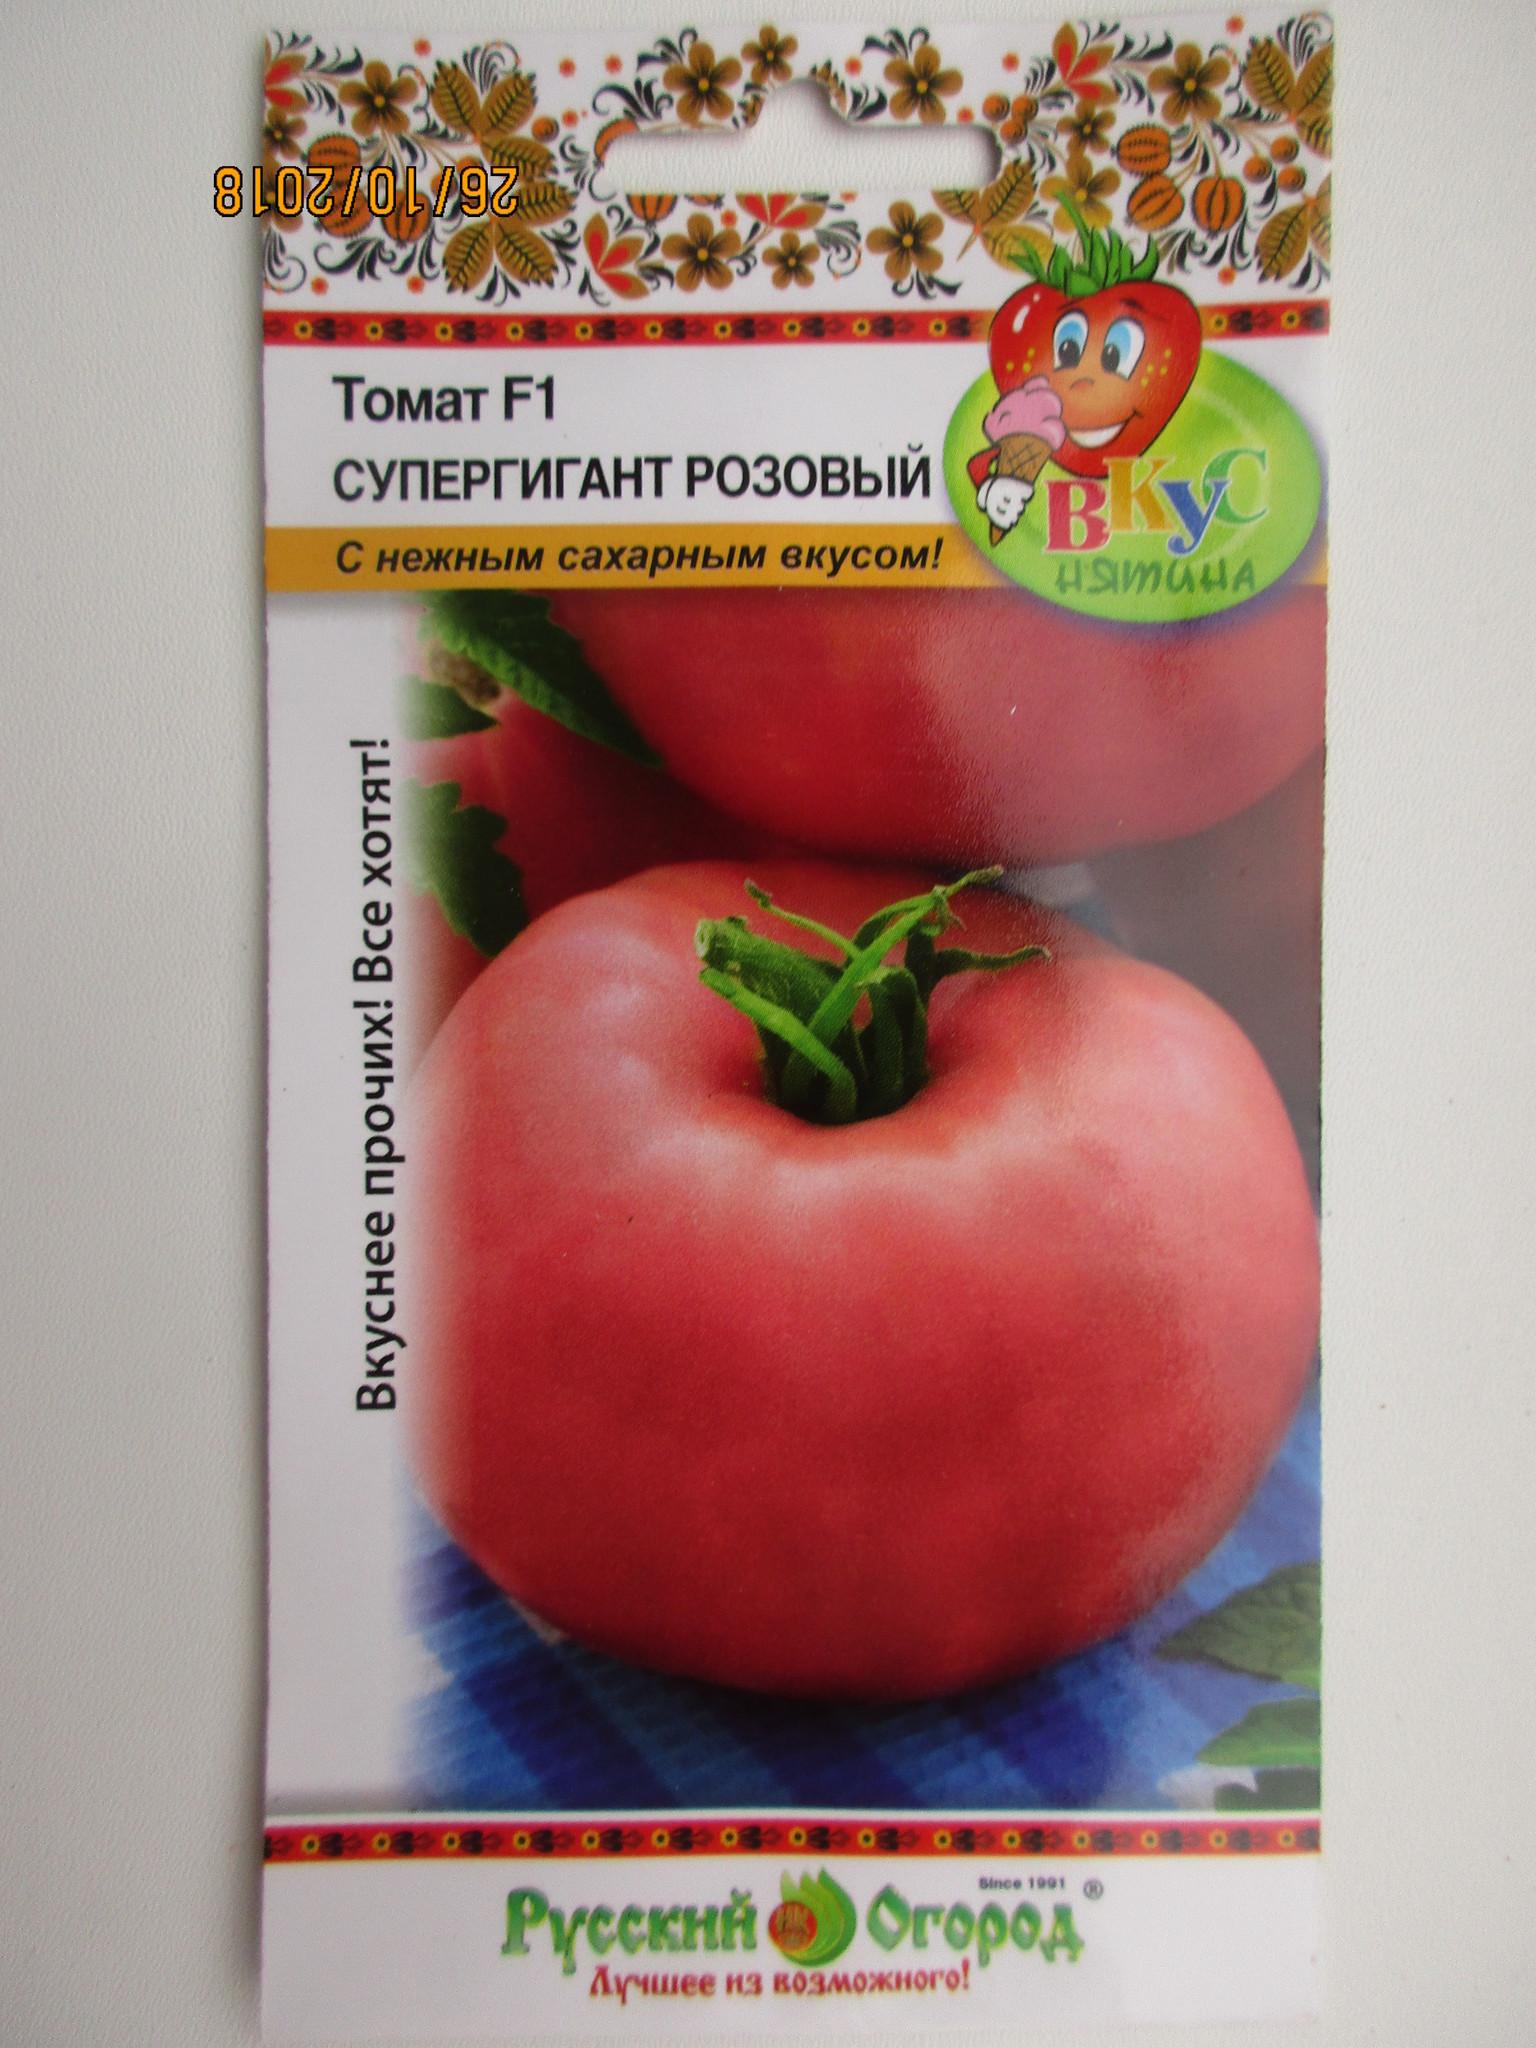 Томат «титан розовый»: описание сорта, фото и рекомендации по выращиванию помидоры русский фермер